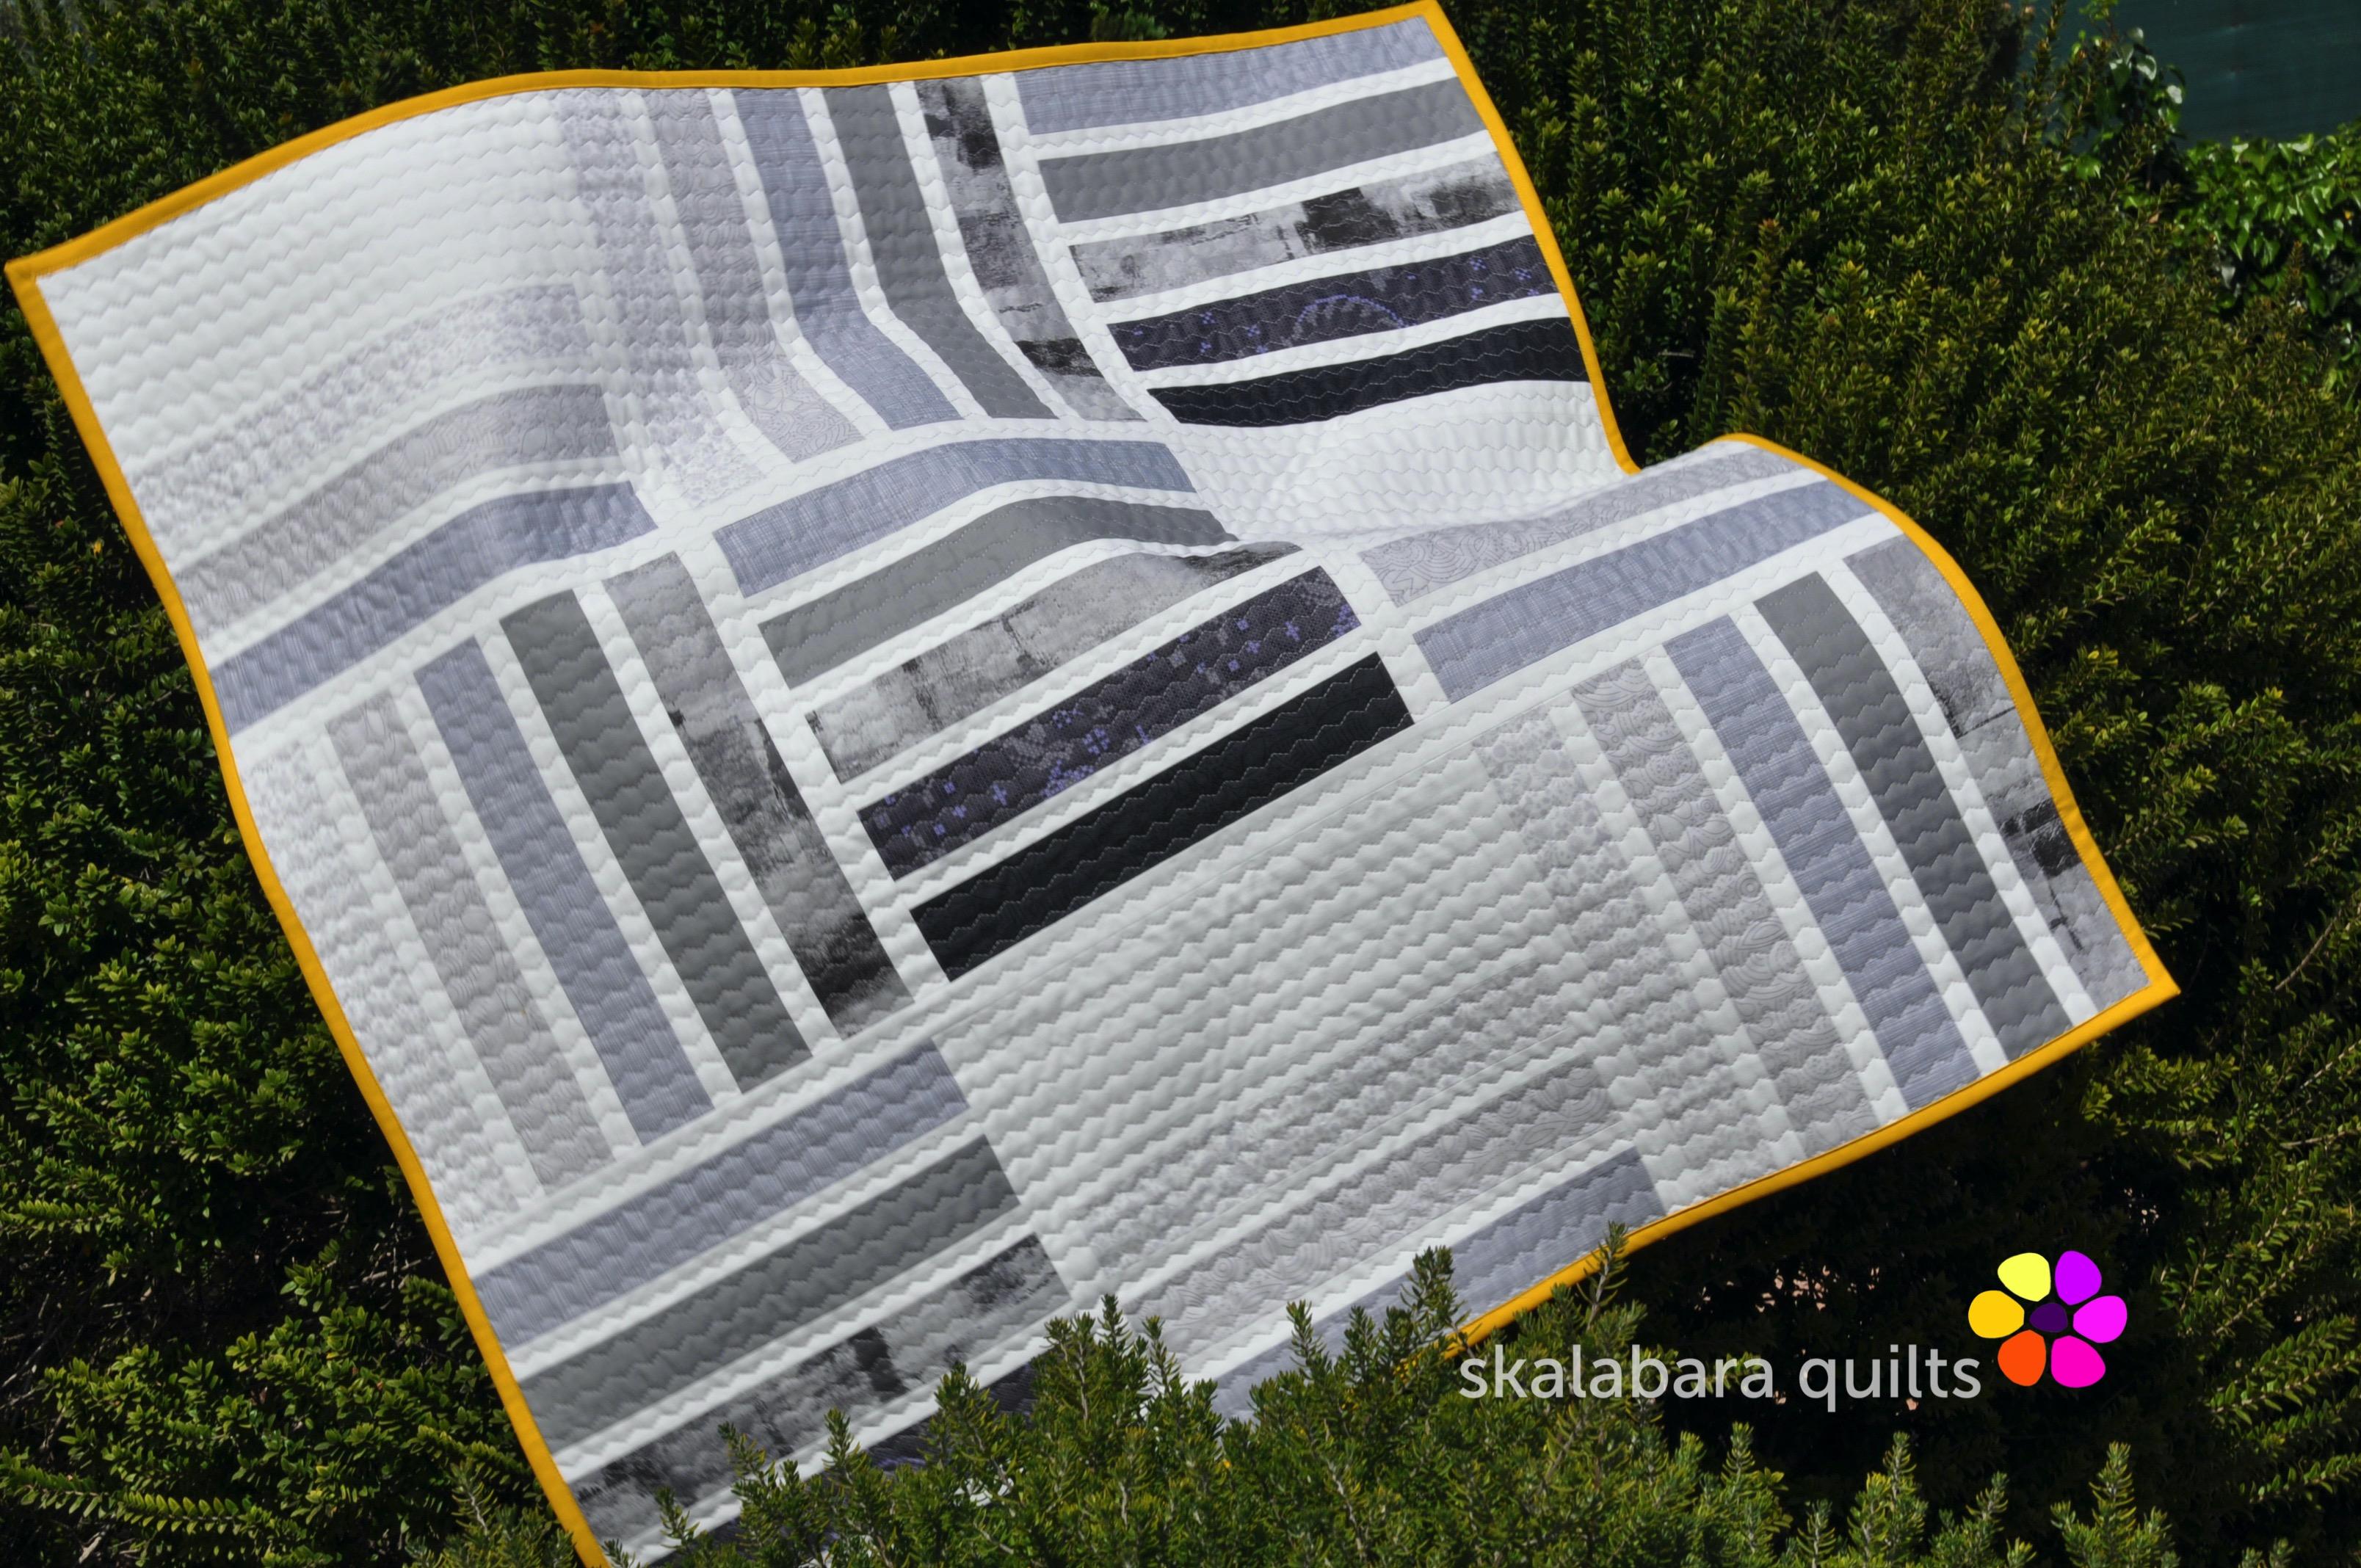 blakely quilt 7 - skalabara quilts